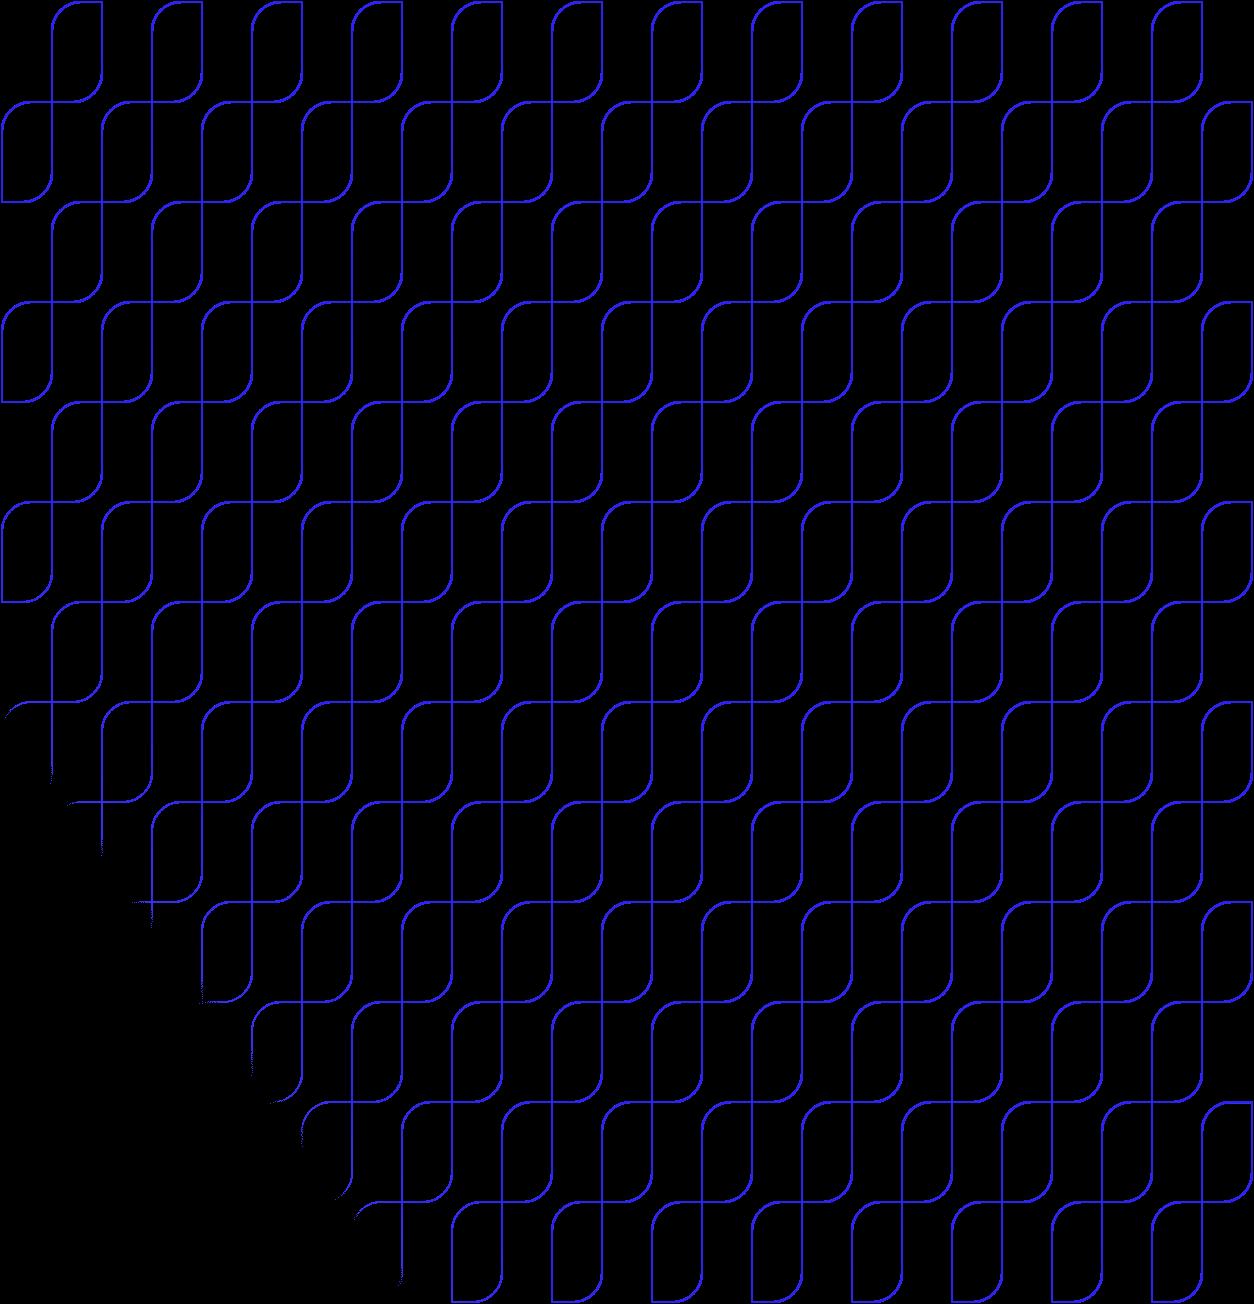 Omnilytics Pattern